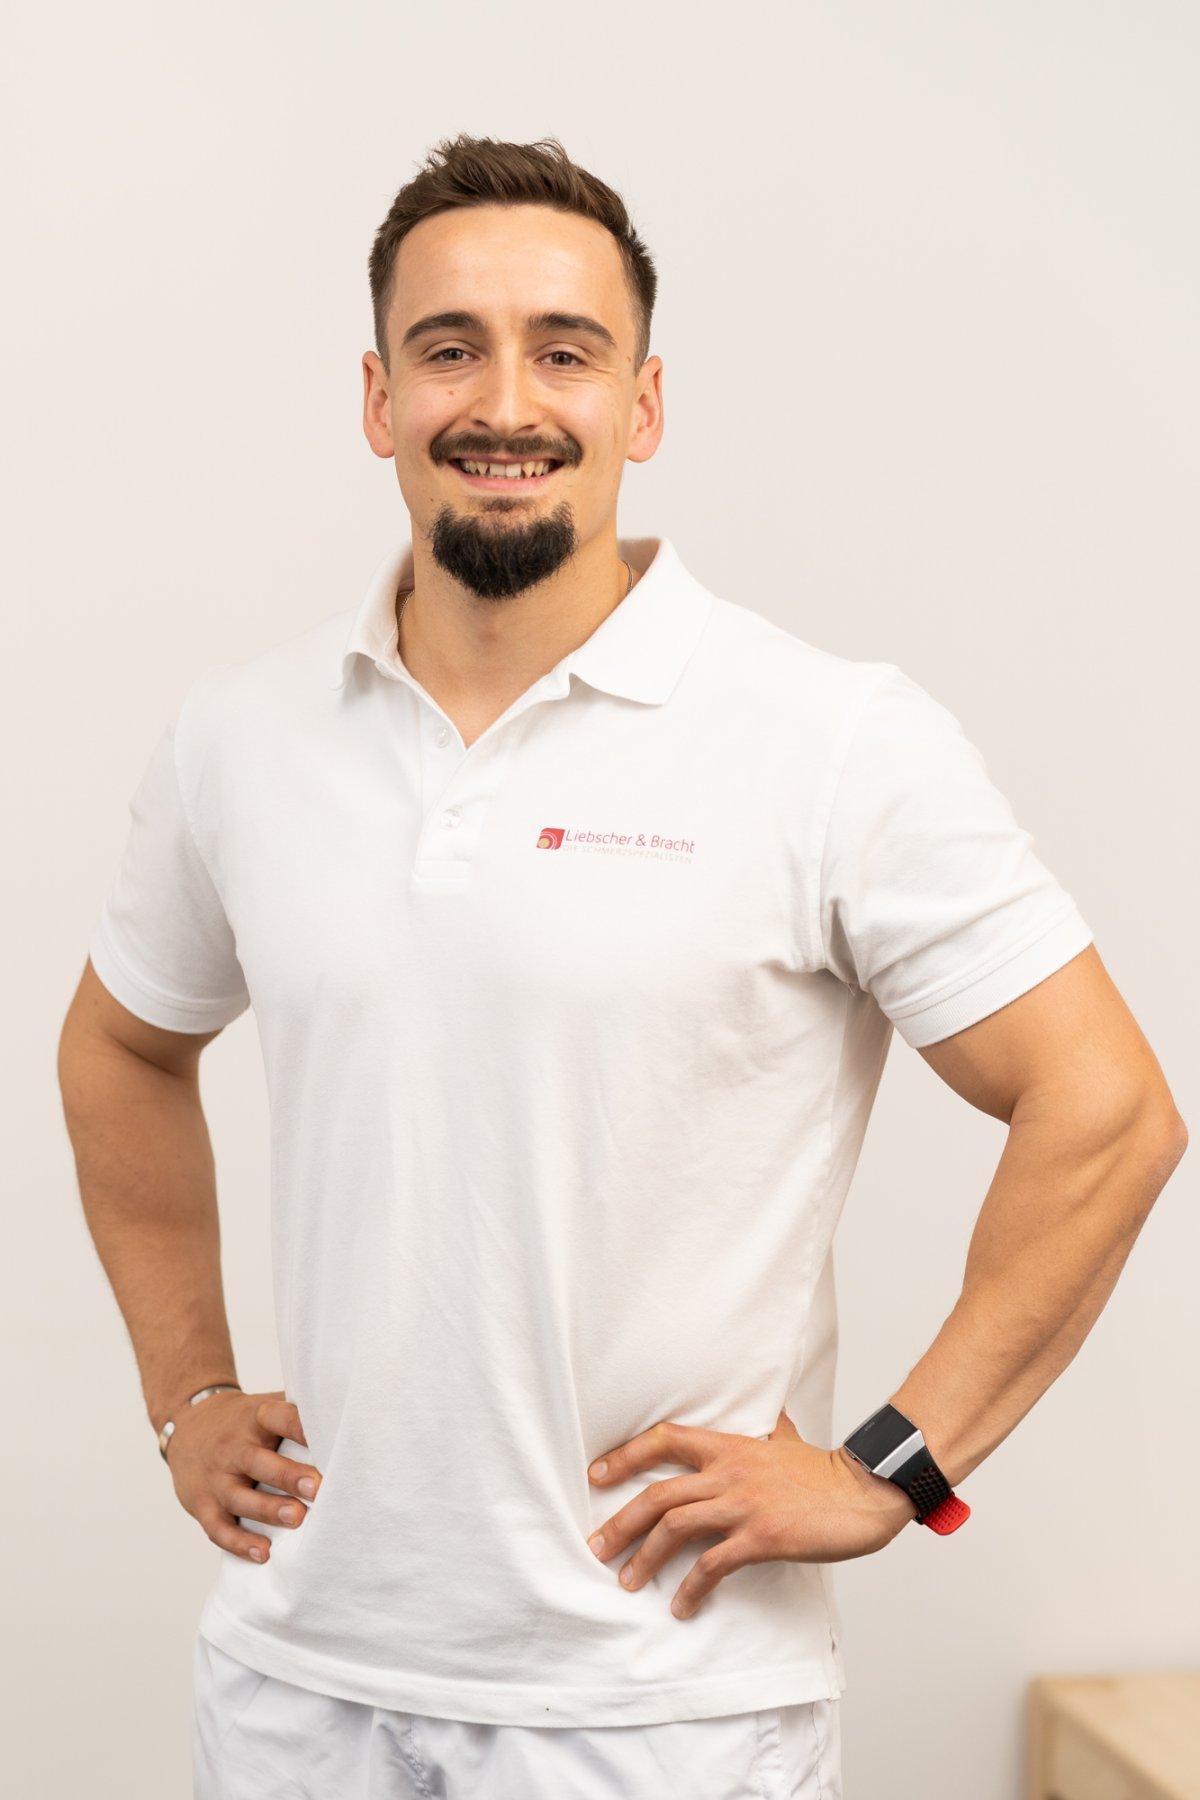 Auf dem Foto steht der sympathische, sportliche Simon Bösch vor einem weißen Hintergrund. Er trägt weiße Kleidung und ein Liebscher & Bracht T-Shirt und hat kurze braune Haare und einen Bart.